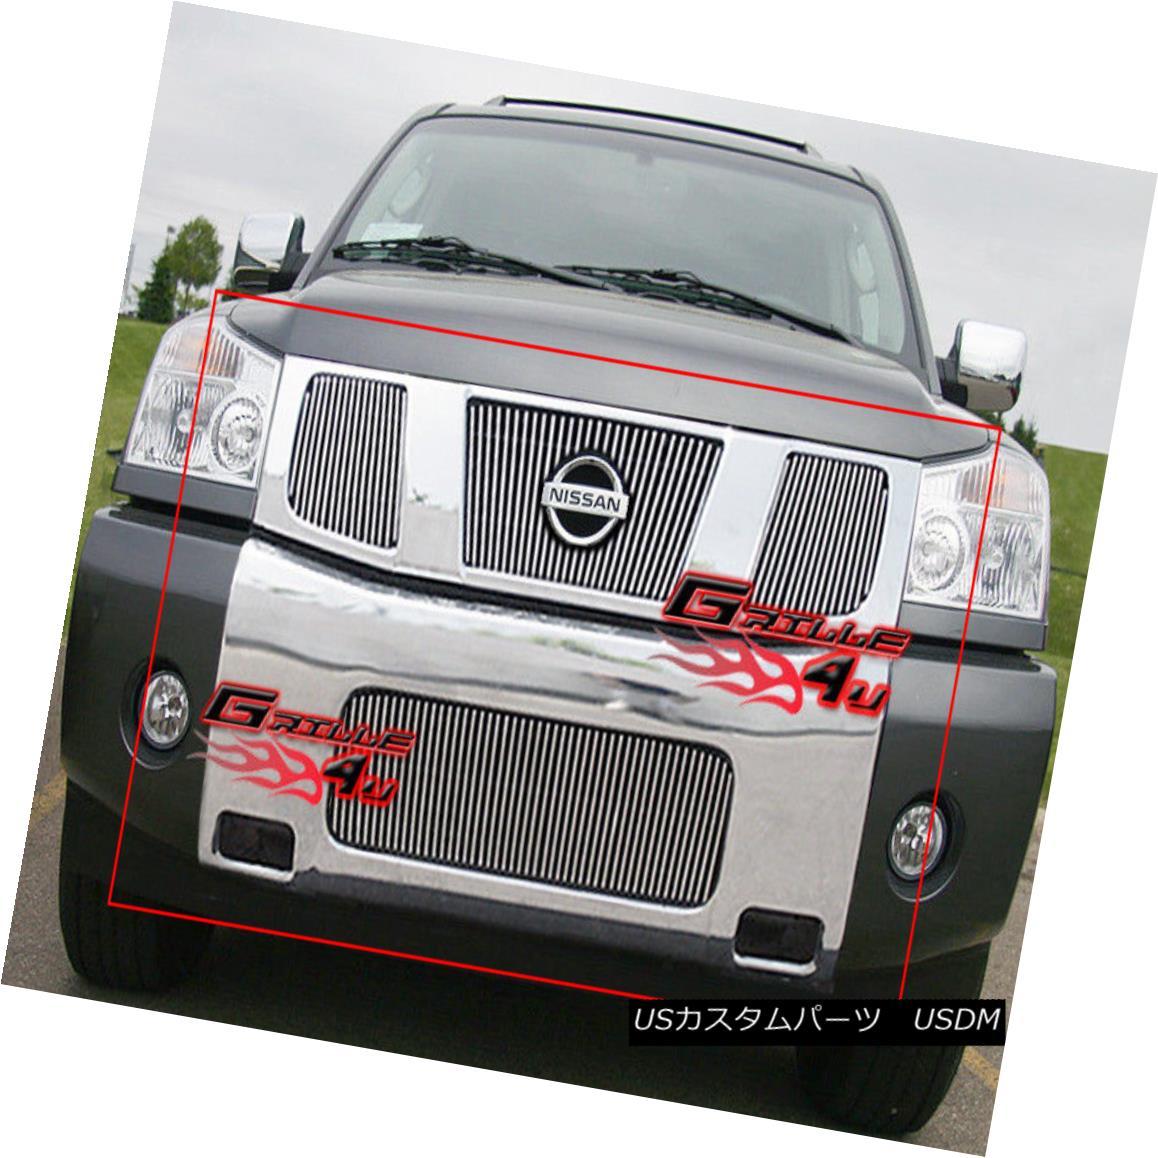 グリル For 04-07 Nissan Titan/Armada Vertical Billet Grille Combo 04-07日産タイタン/陸軍垂直ビレットグリルコンボ用